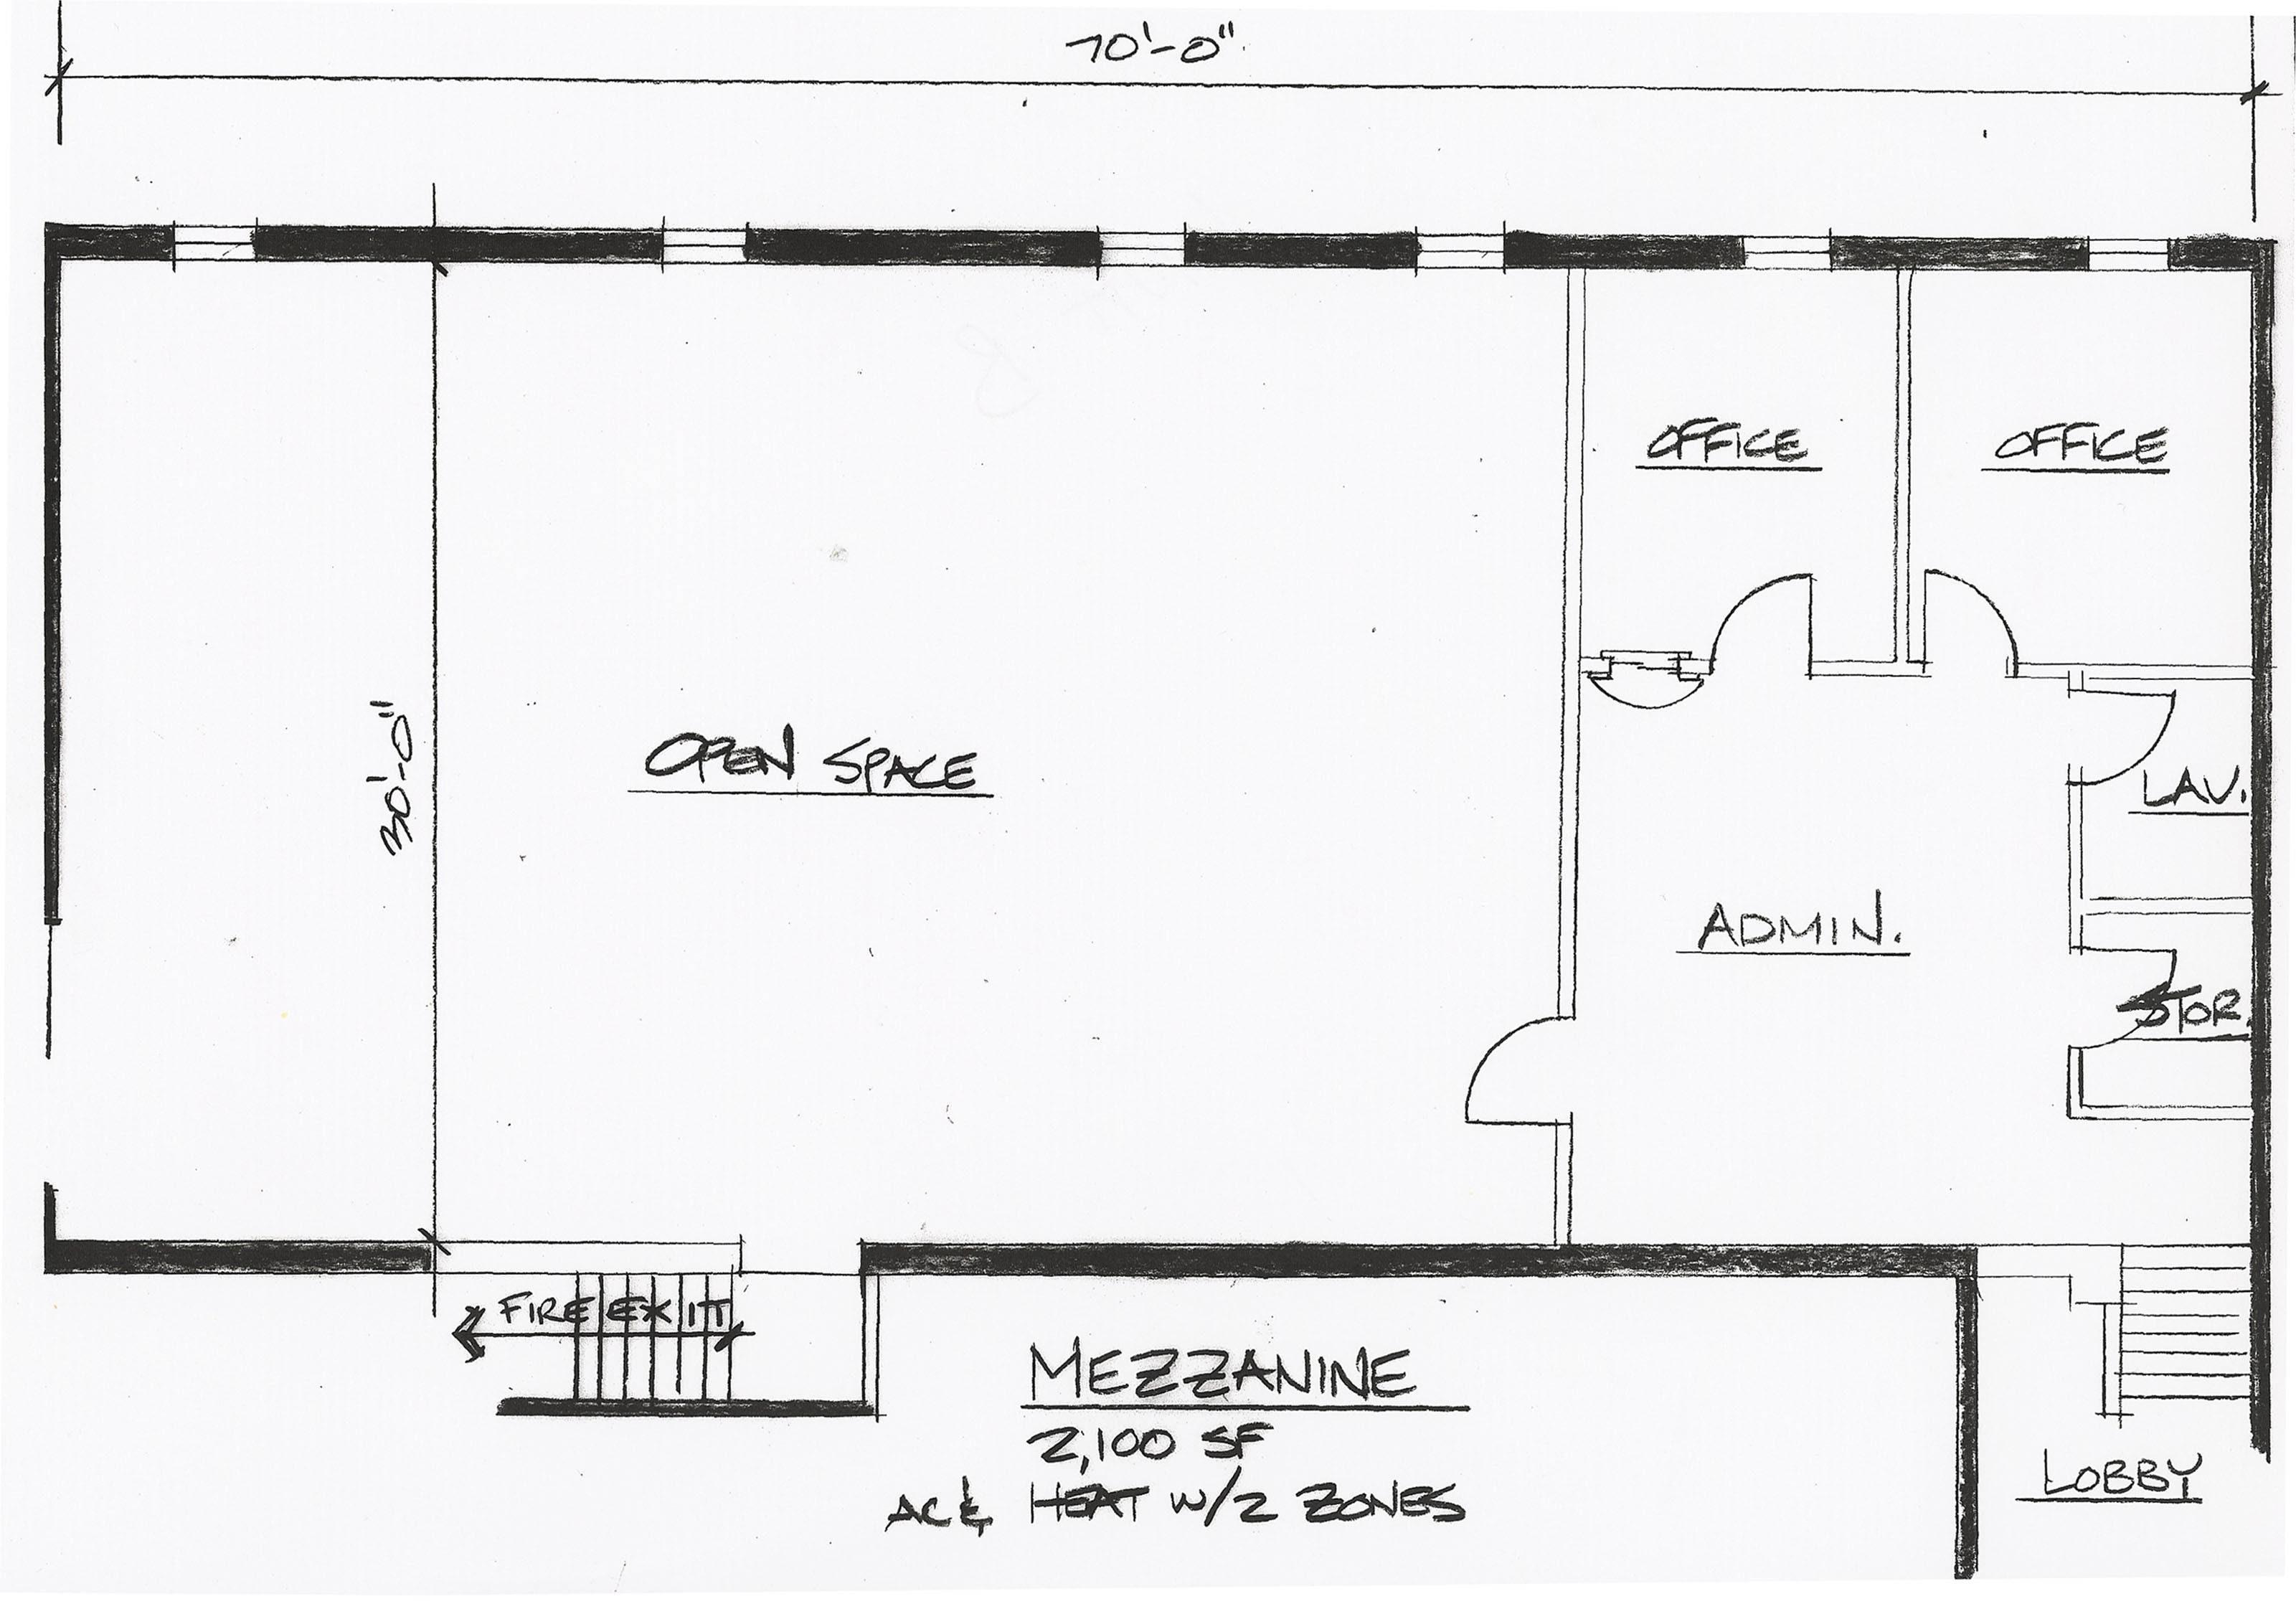 Mezzanine www for Mezzanine floor plan